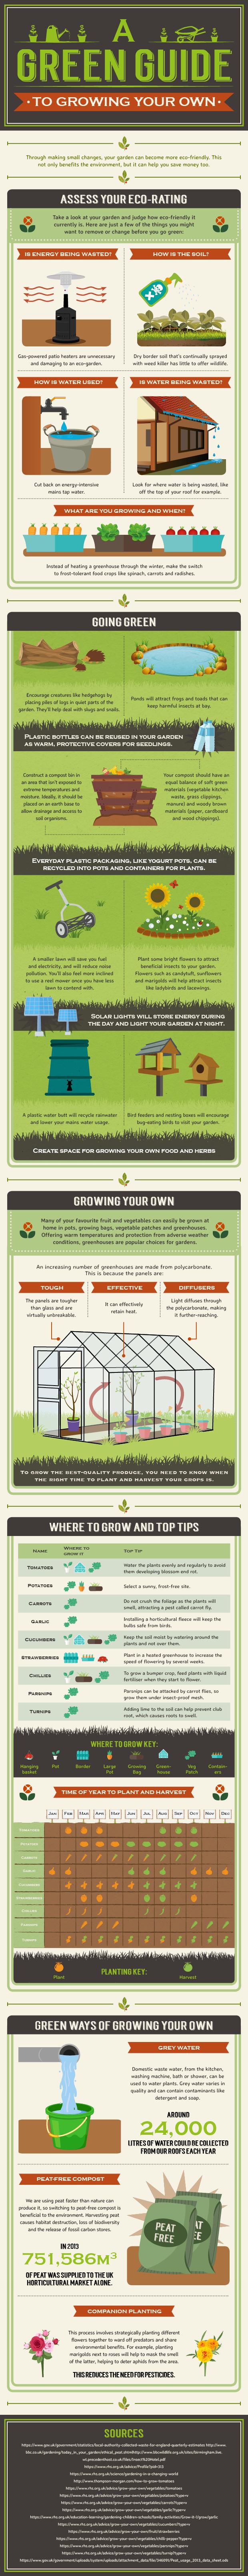 green guide to gardening